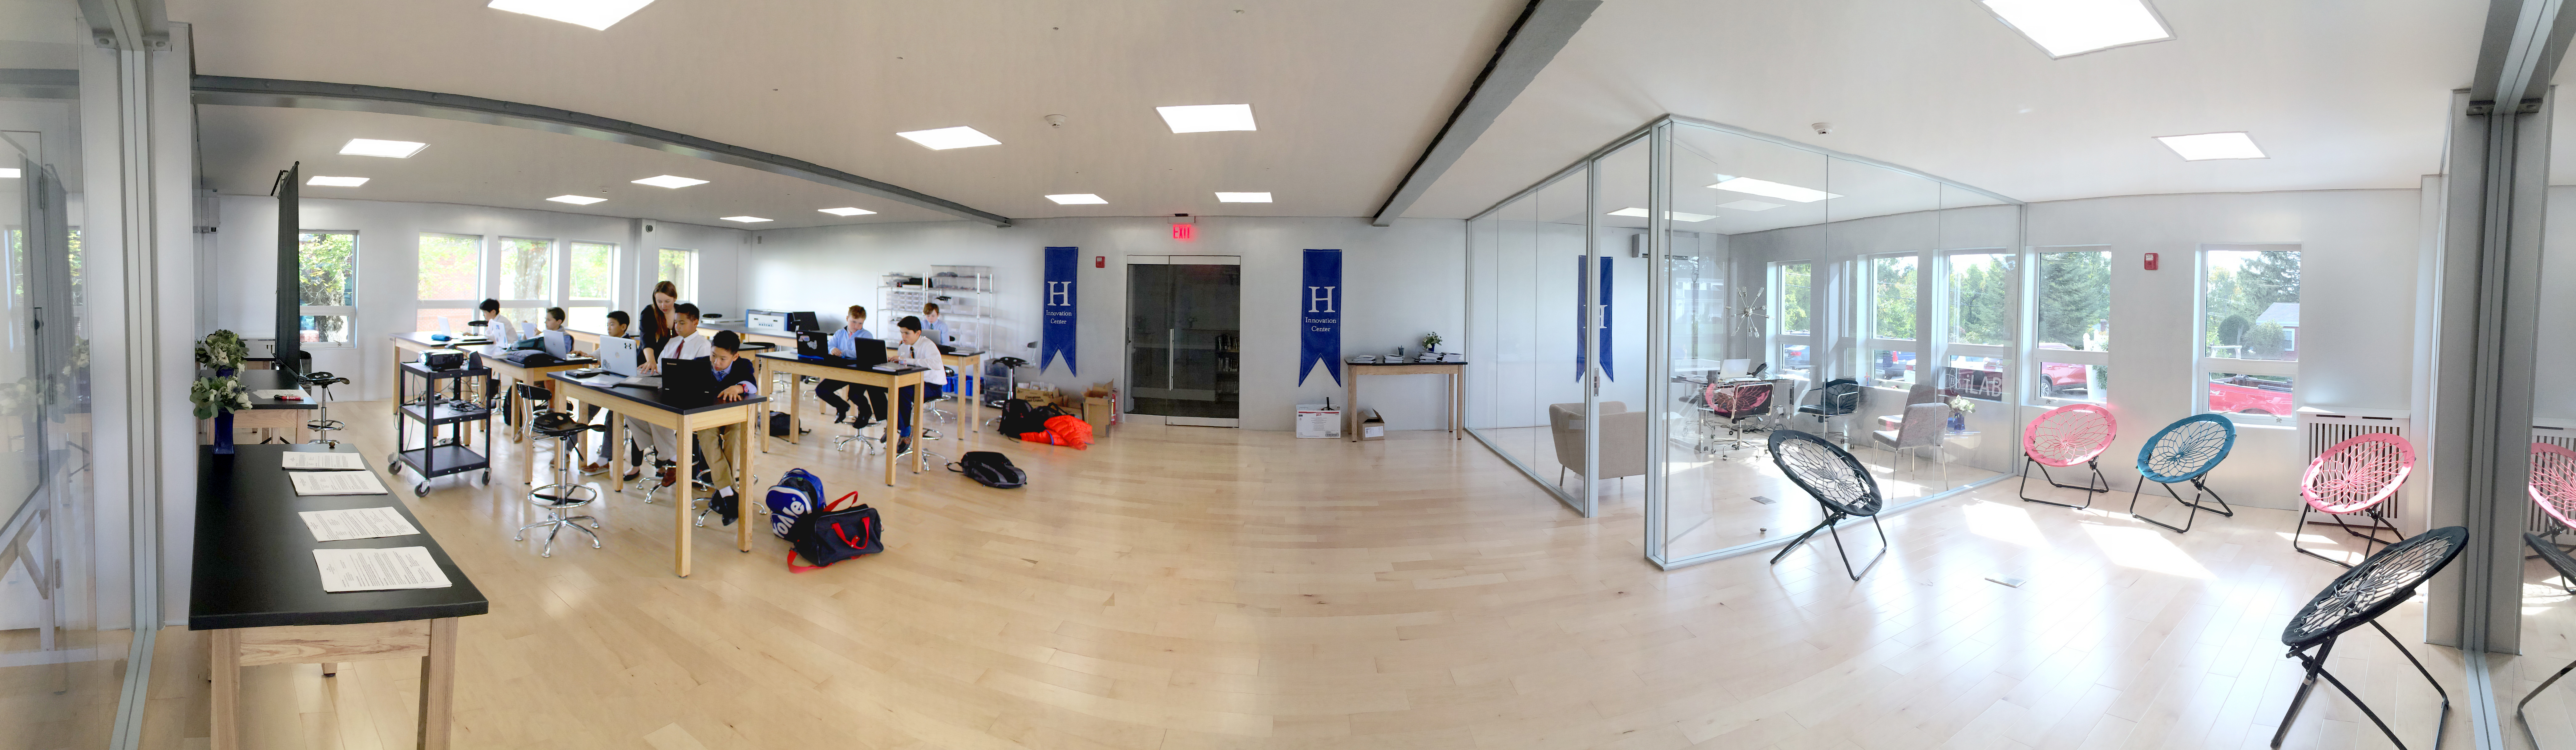 Innovation Center at Hillside